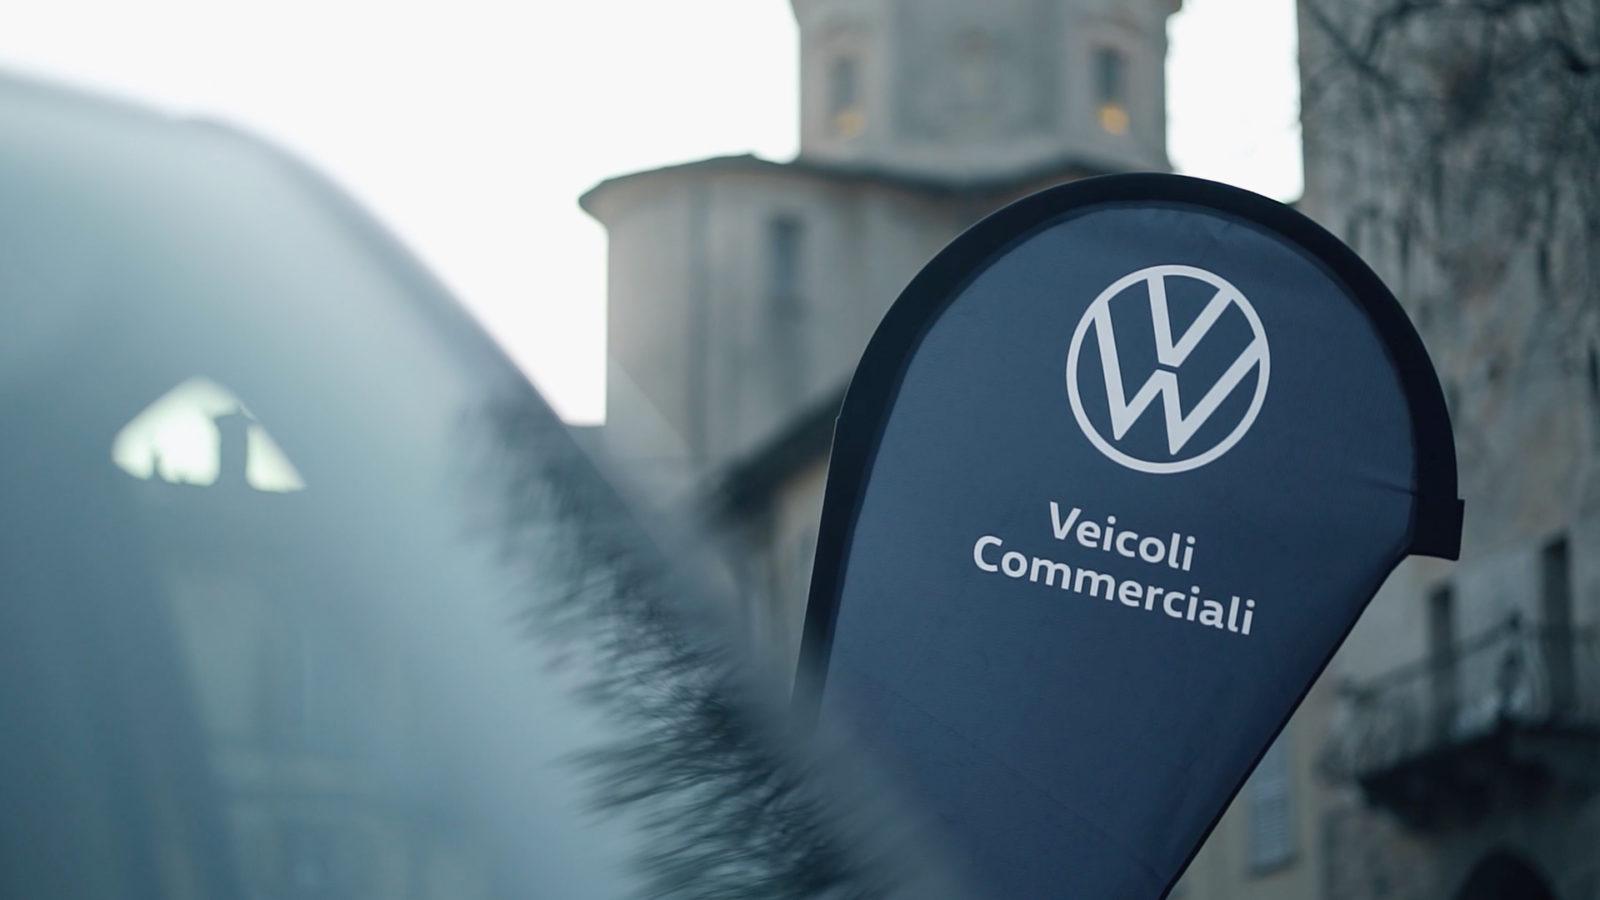 TOP CLIENT VOLKSWAGEN VEICOLI COMMERCIALI T6.1